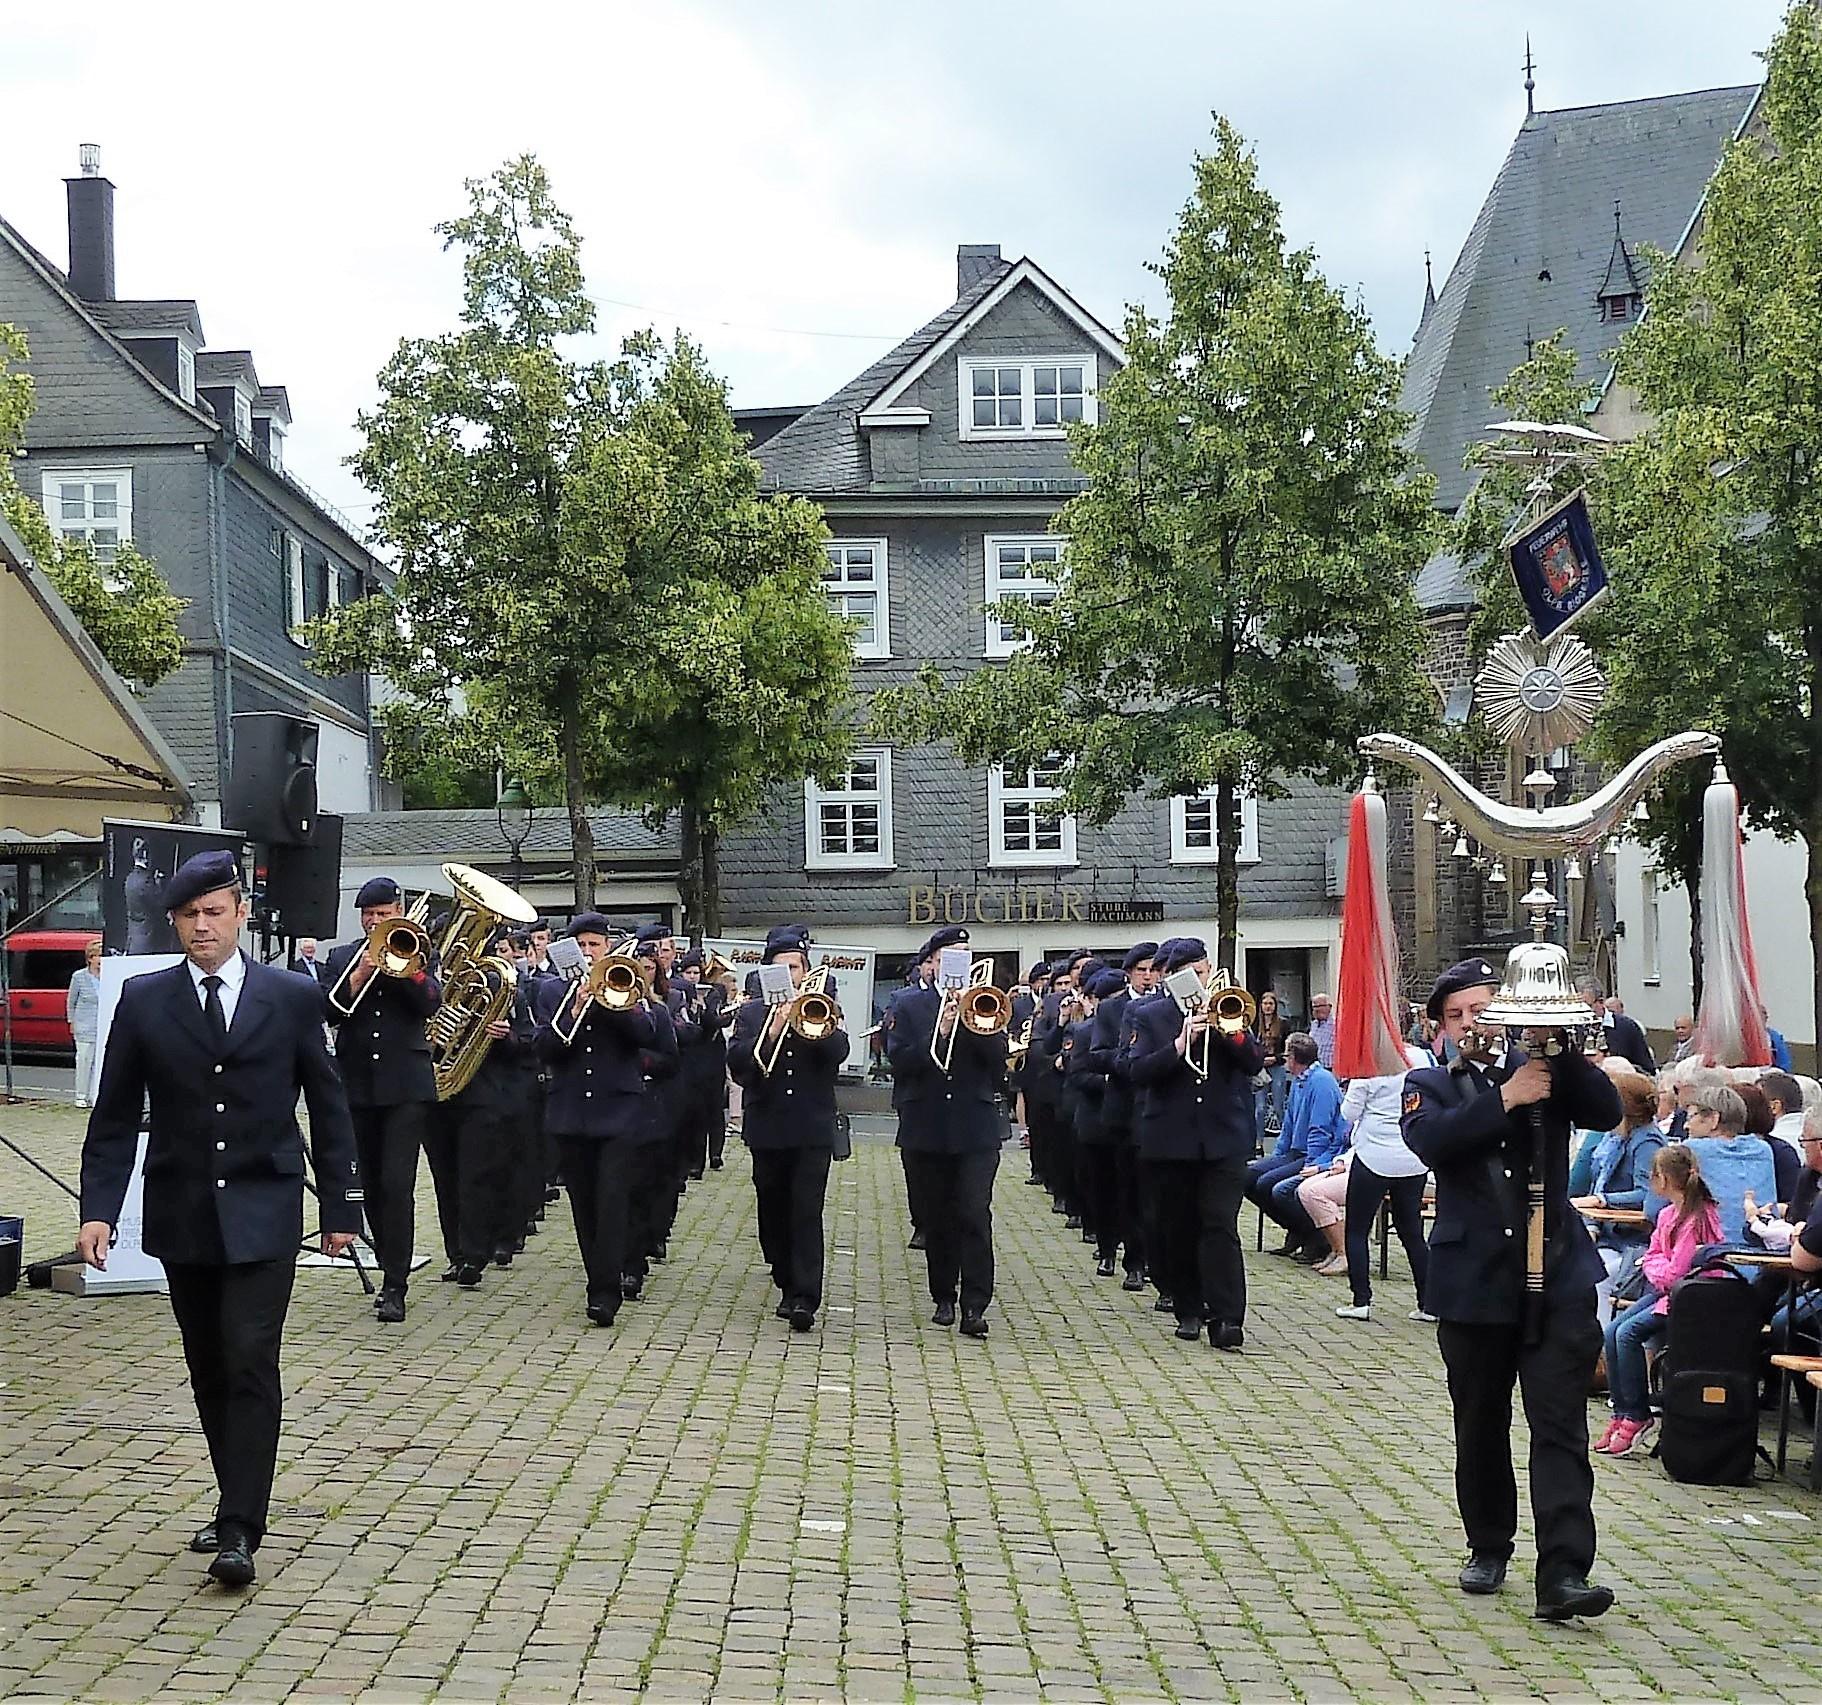 Traditionelle Olper Marschrevue am Sonntag auf dem Marktplatz